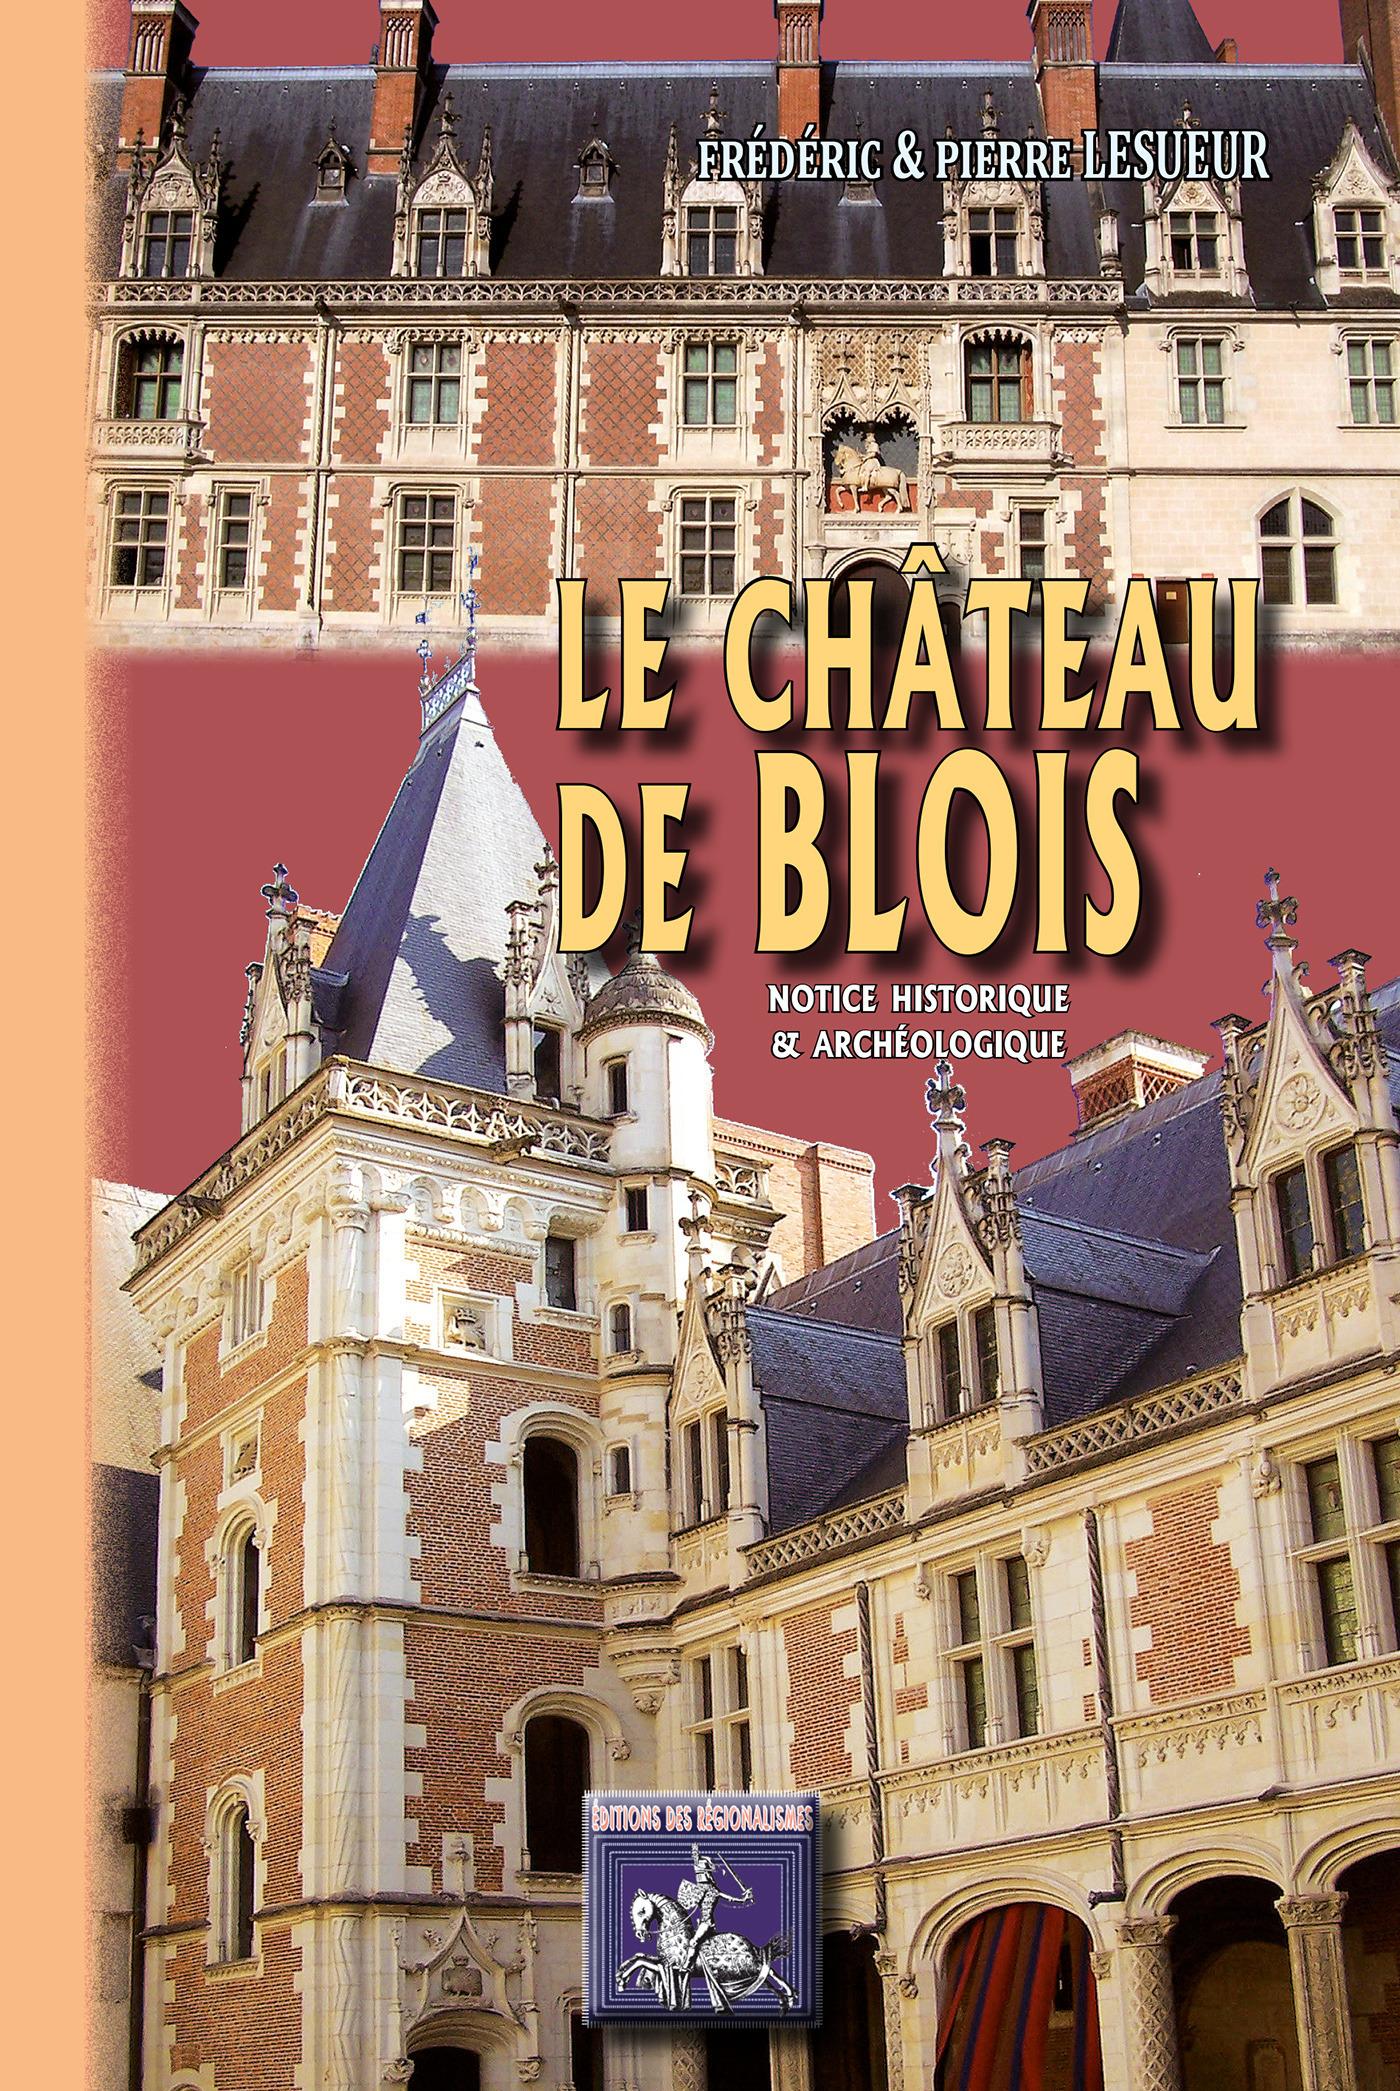 Le château de Blois, notice historique & archéologique